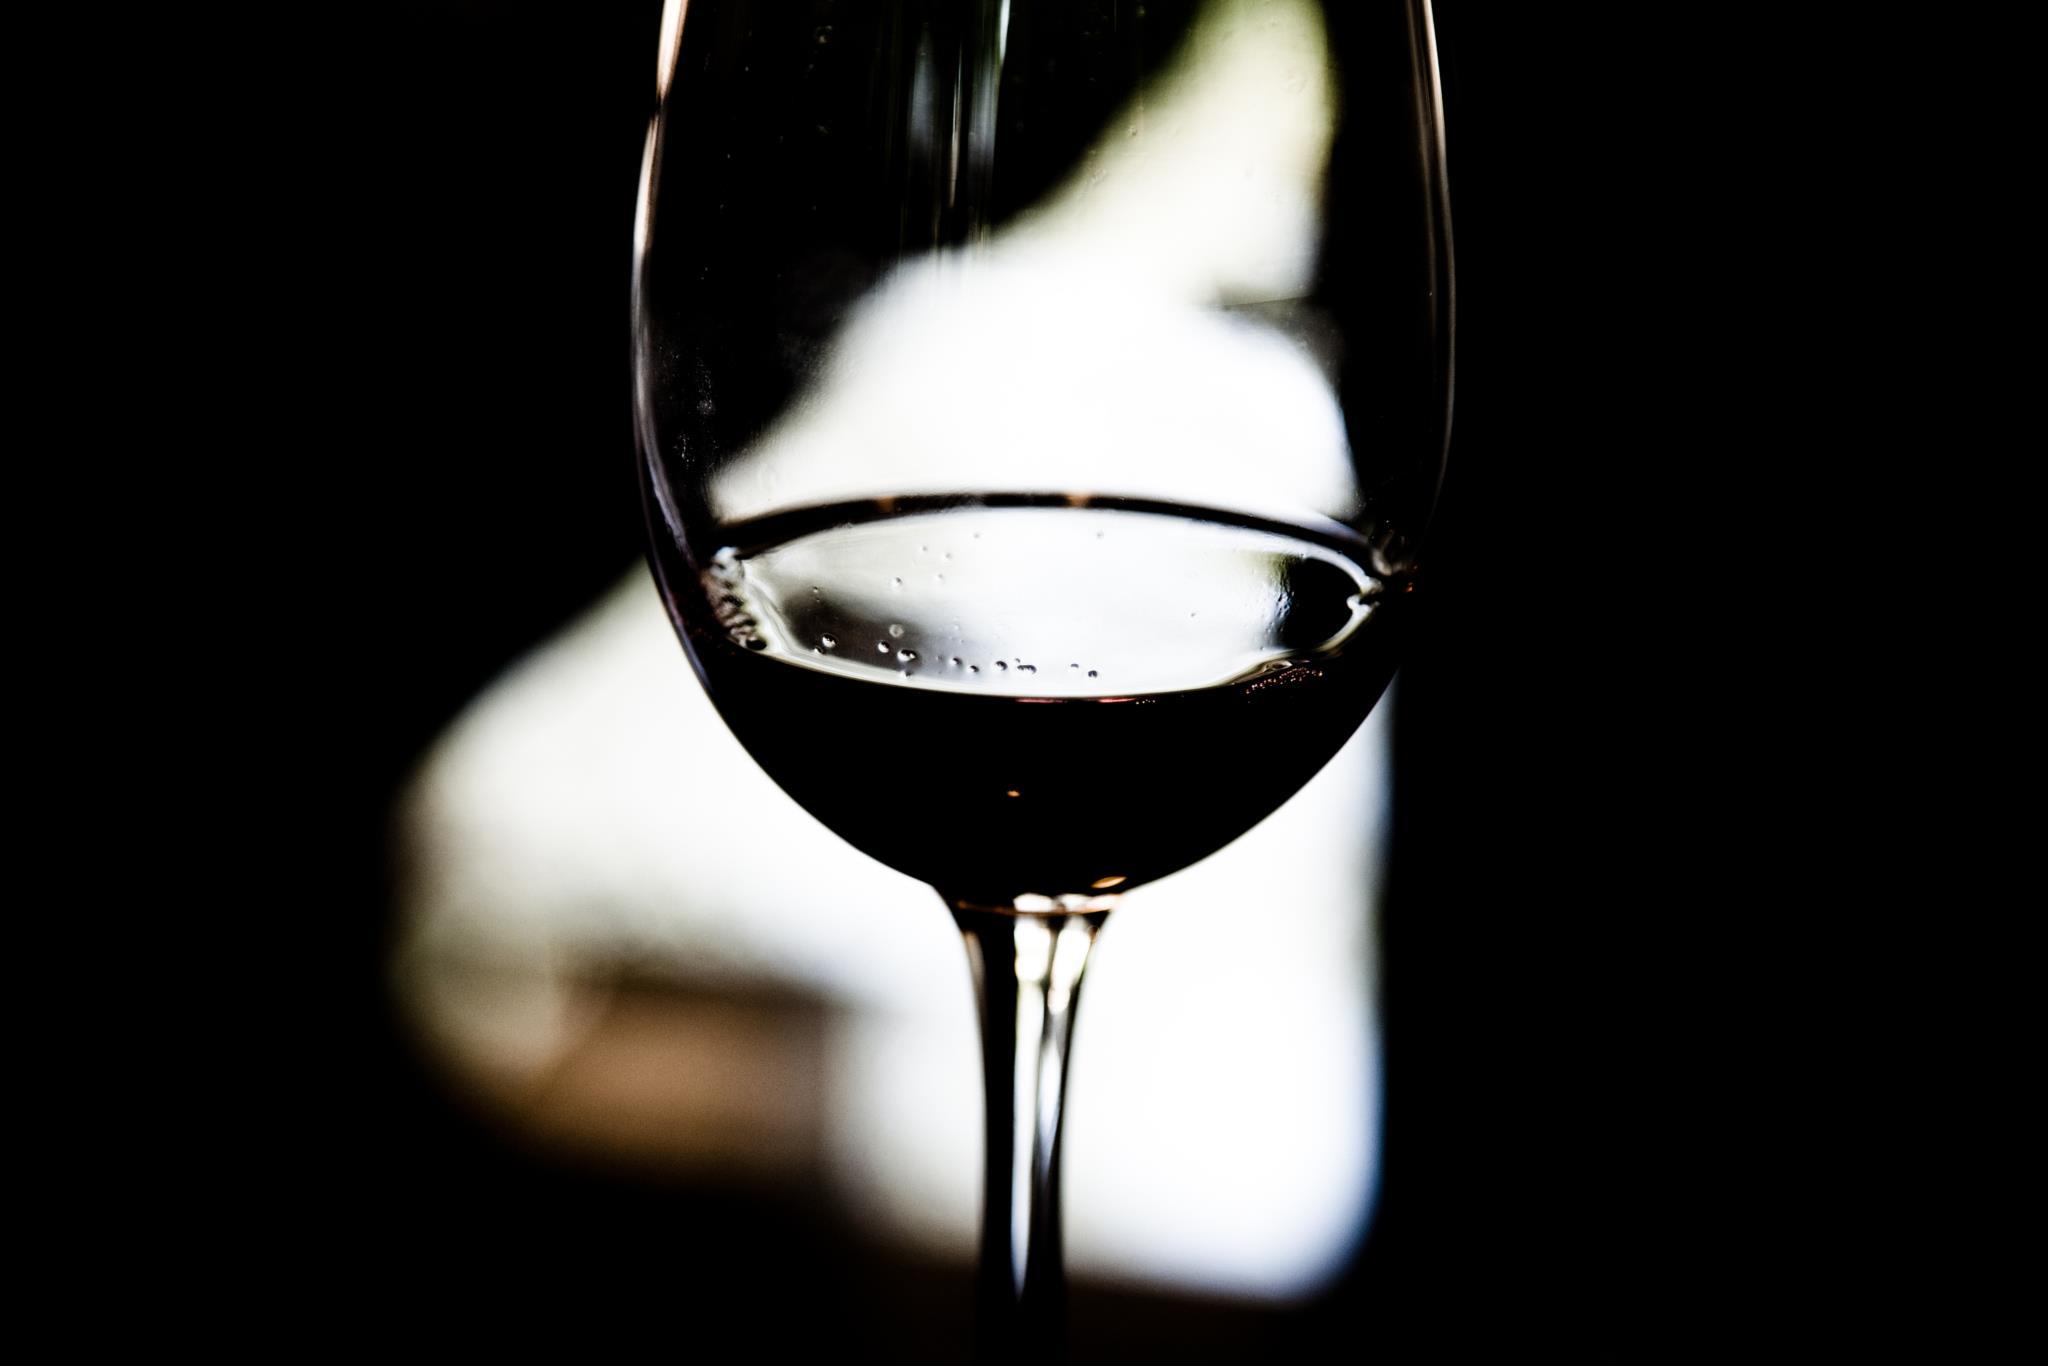 PÚBLICO - ASAE apreende 106 barris de vinho à pressão por venda fraudulenta